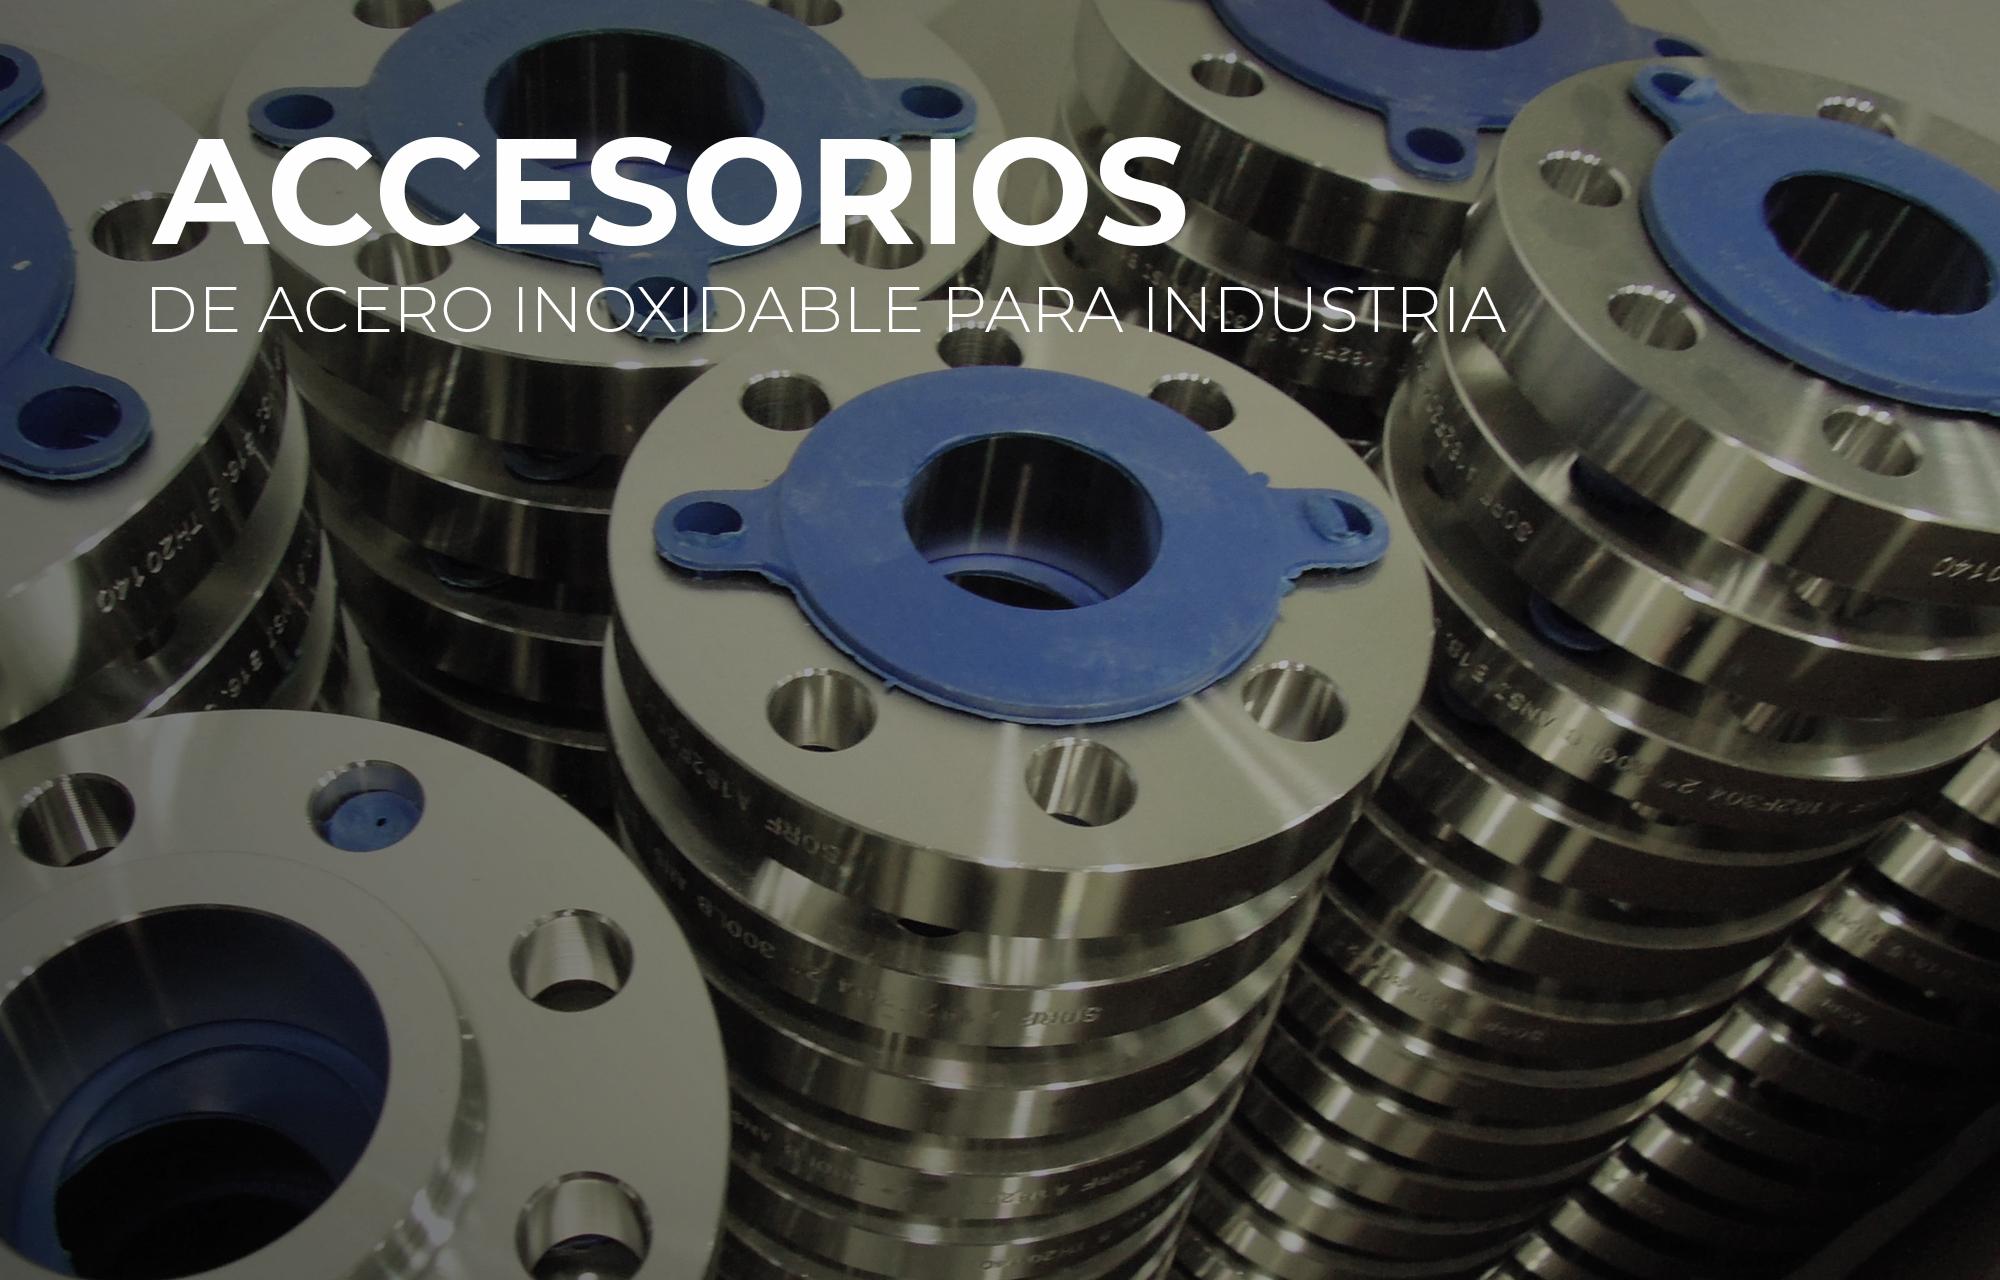 Accesorios de Acero Inoxidable para Industria